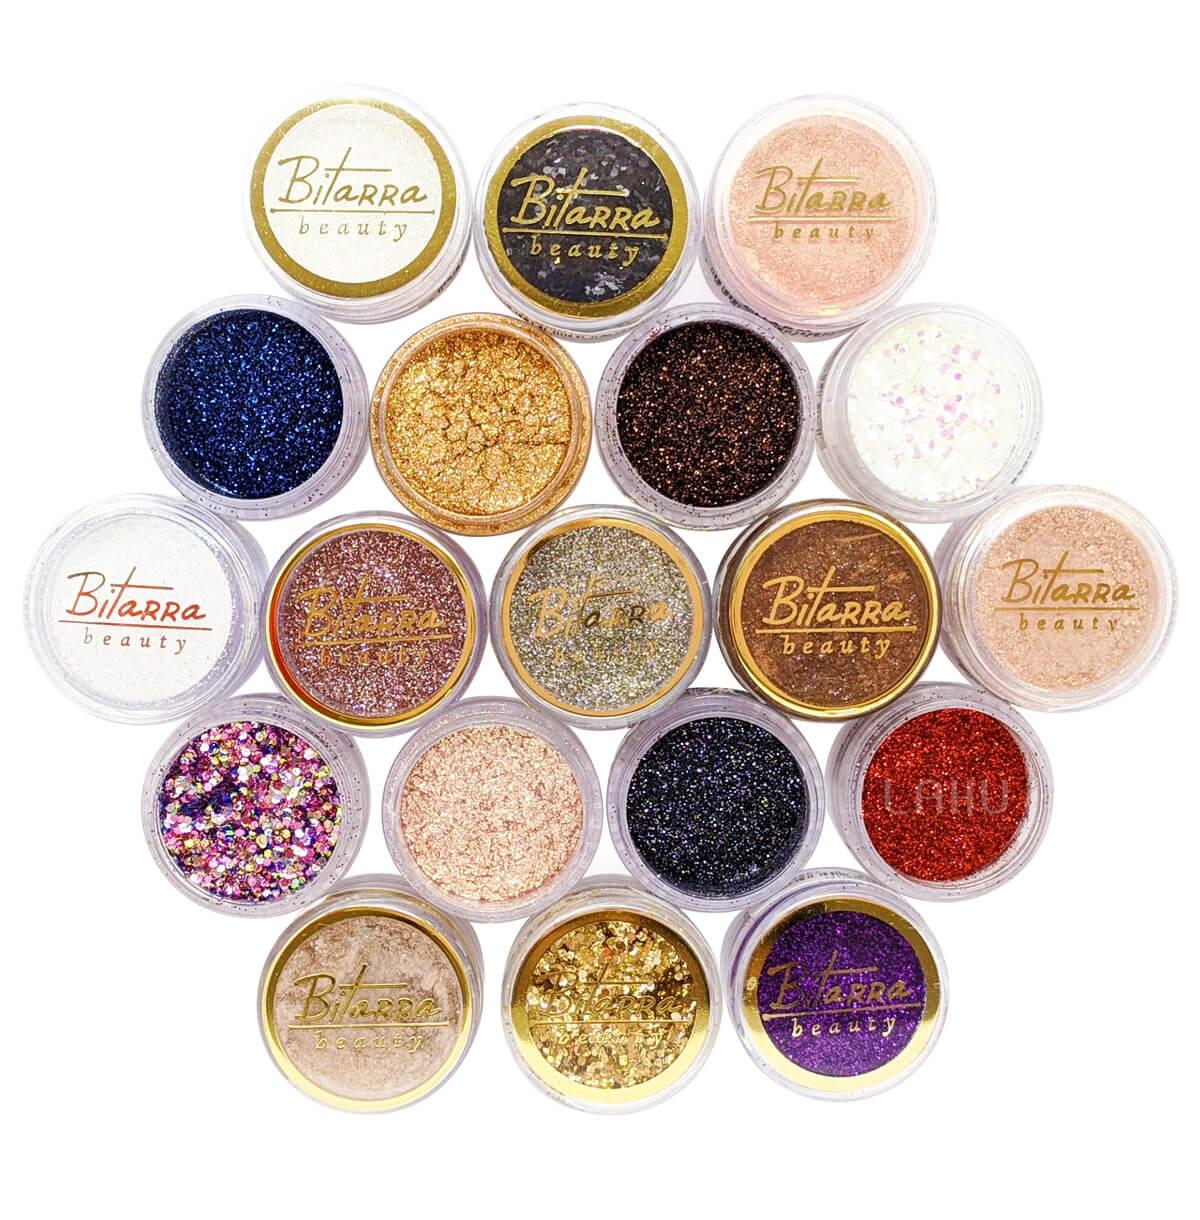 Glitter Pigmento Sombra Asa de Borboleta Bitarra Beauty